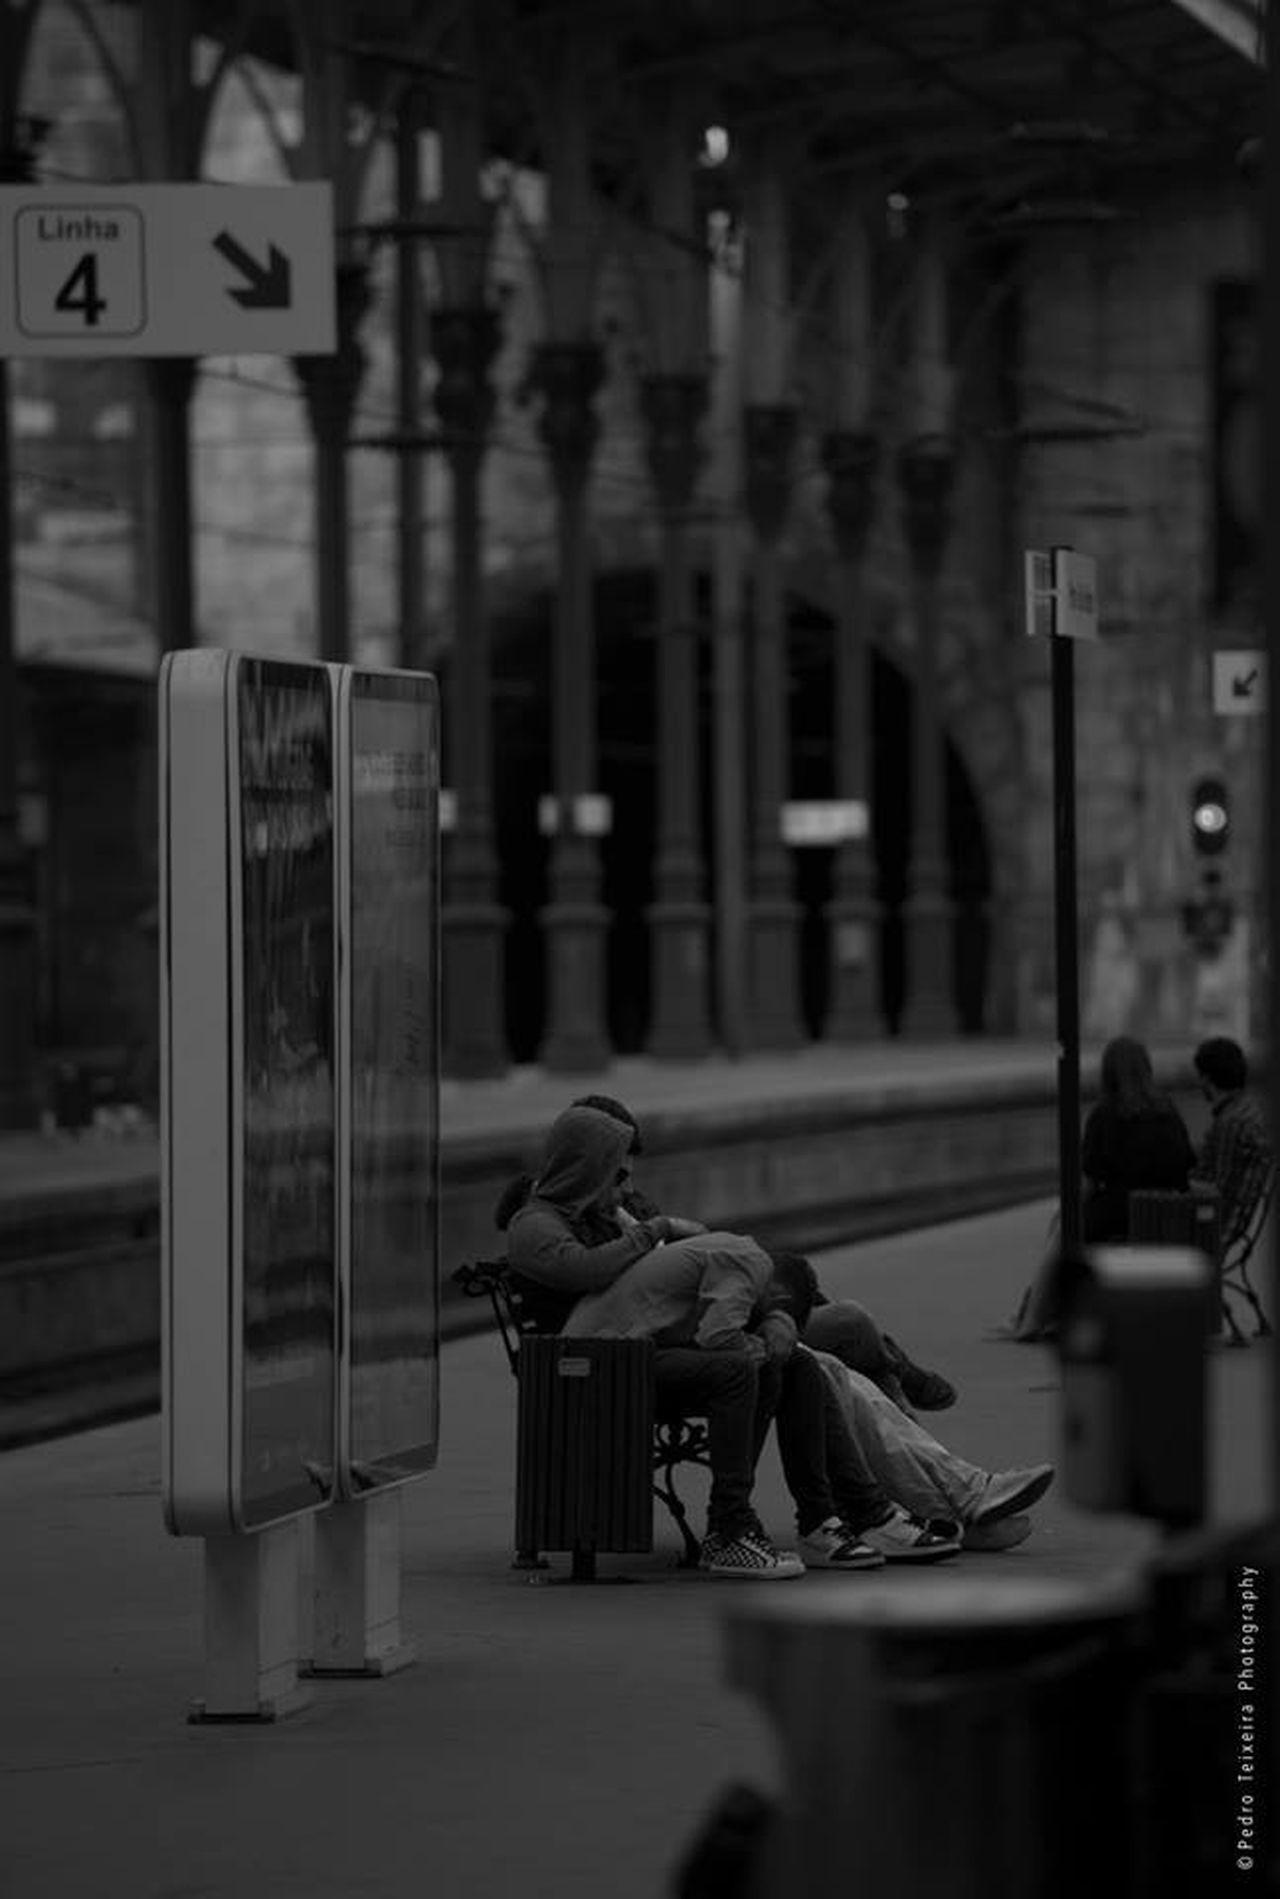 Morning Eye Treatment Series https://m.facebook.com/PedroTeixeiraPhotos/albums/529121560554466/ EyeEm Porto Black & White Train Station Black And White